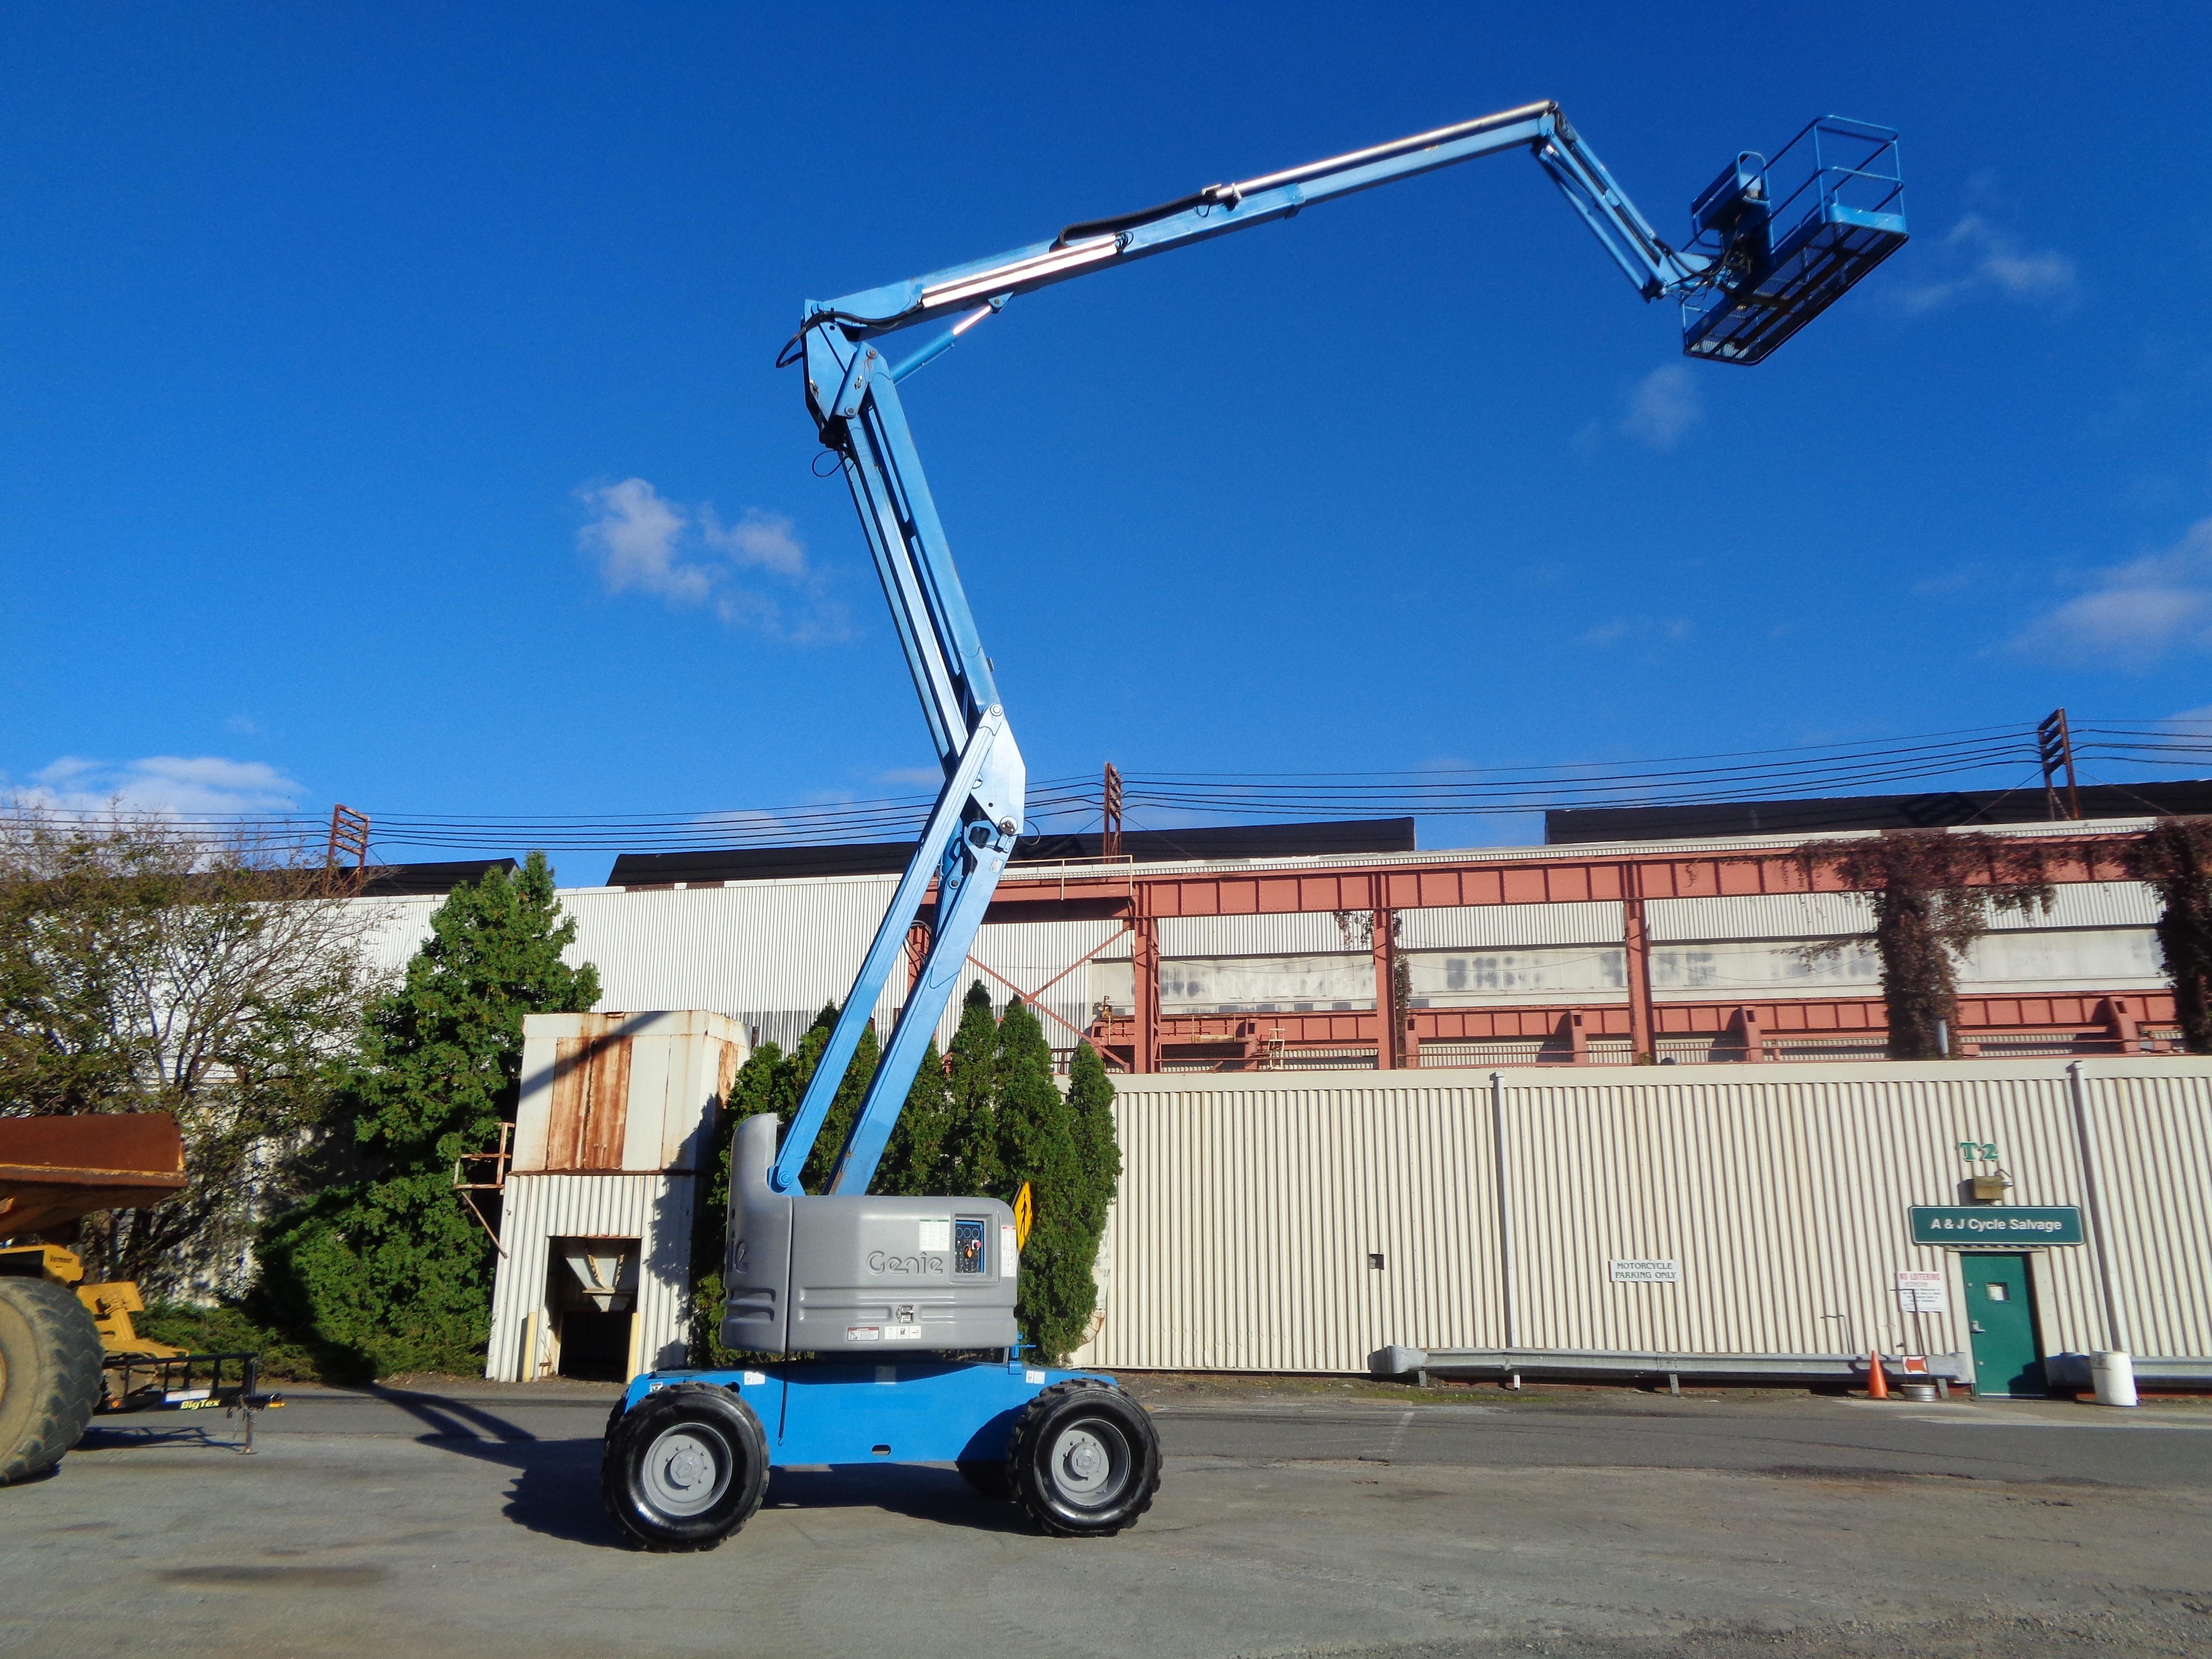 Lot 38 - Genie Z60/34- Boom Man Aerial Lift - 4X4 - 60Ft Height